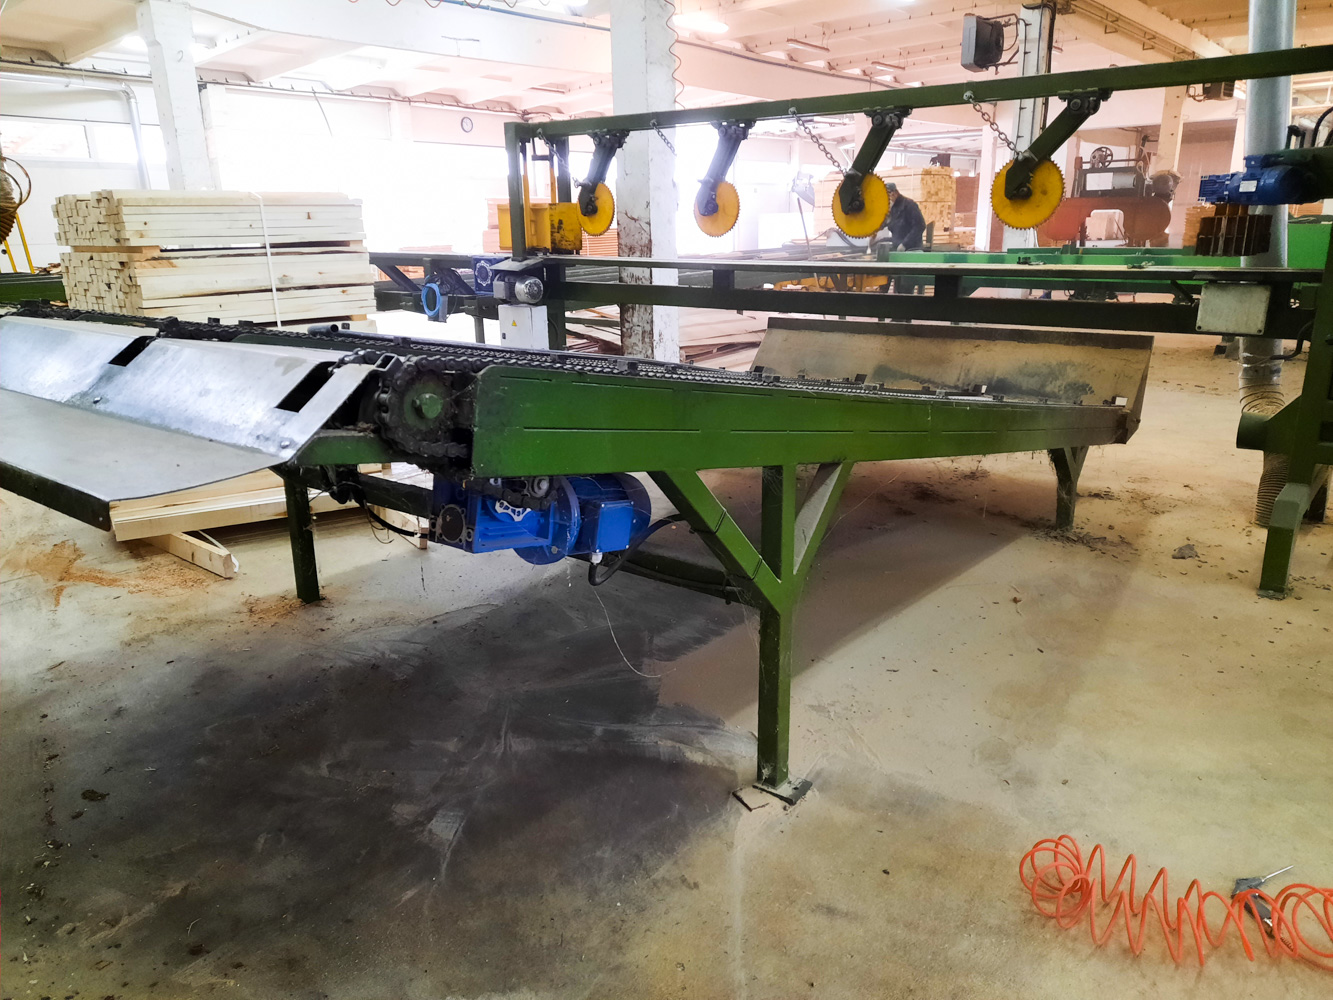 Rąstų šonų surinkimo transporteris/ Logs offcuts collection conveyor